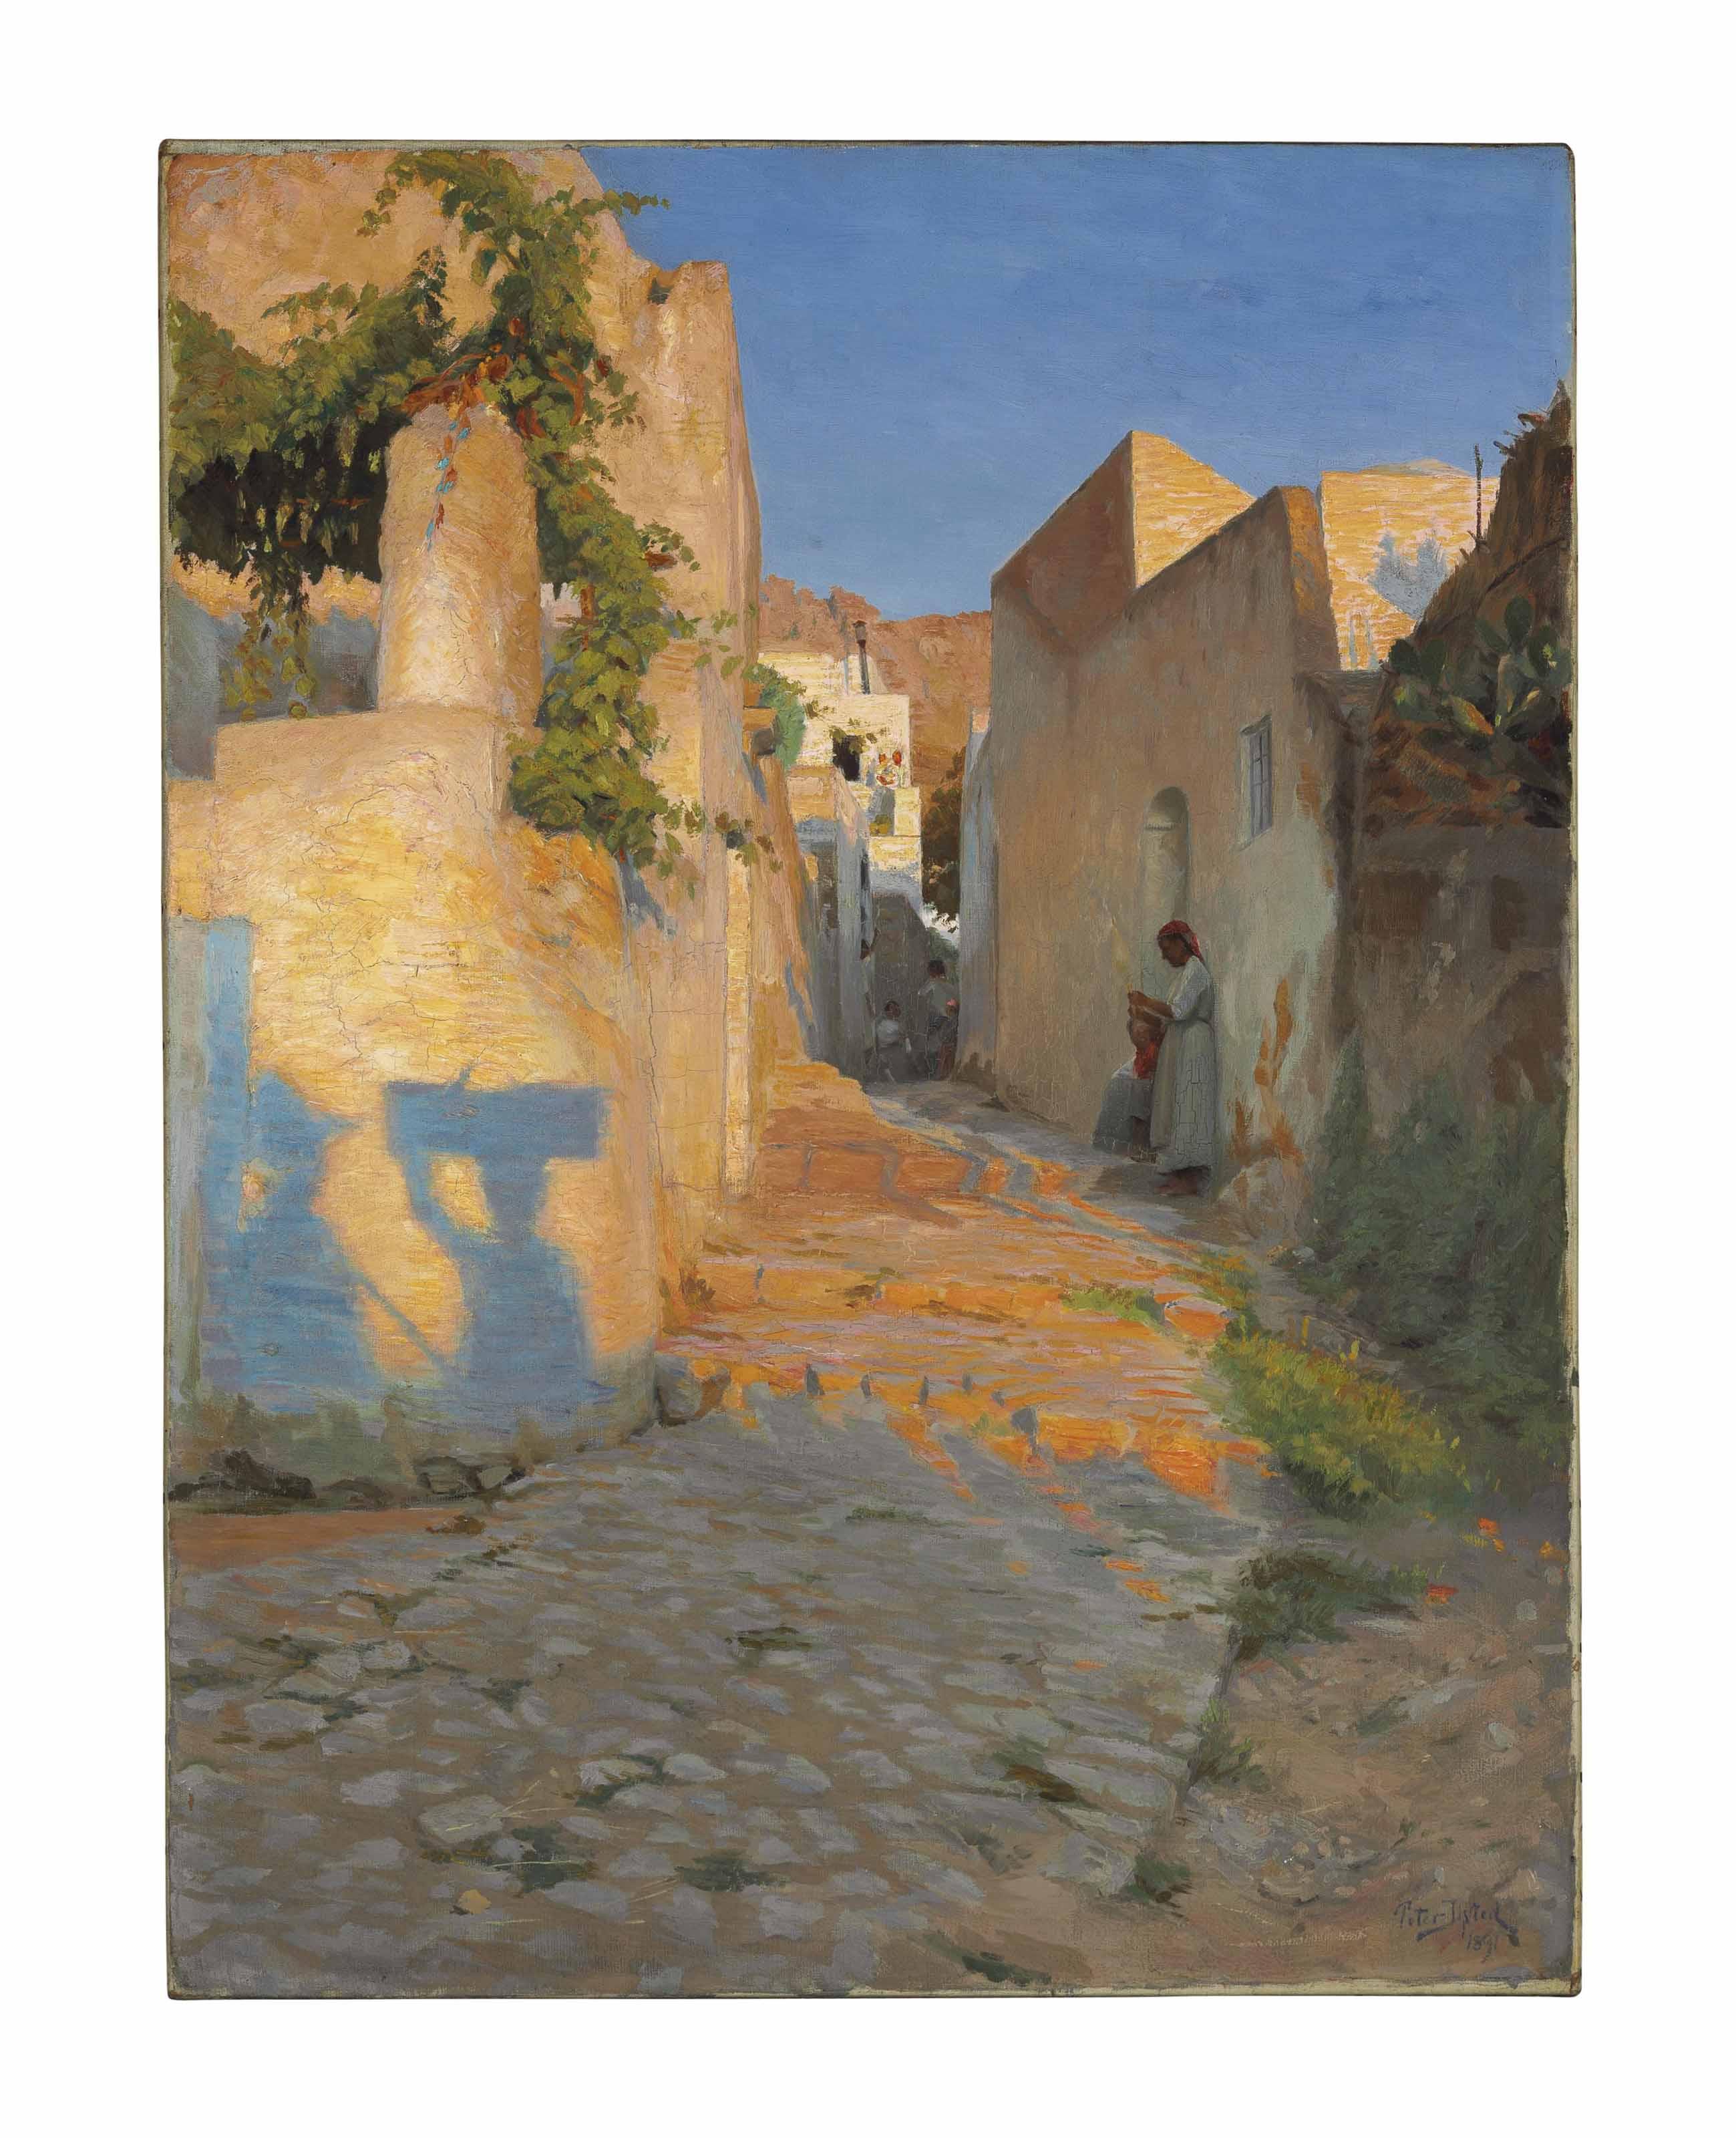 A Street Scene in Tunisia